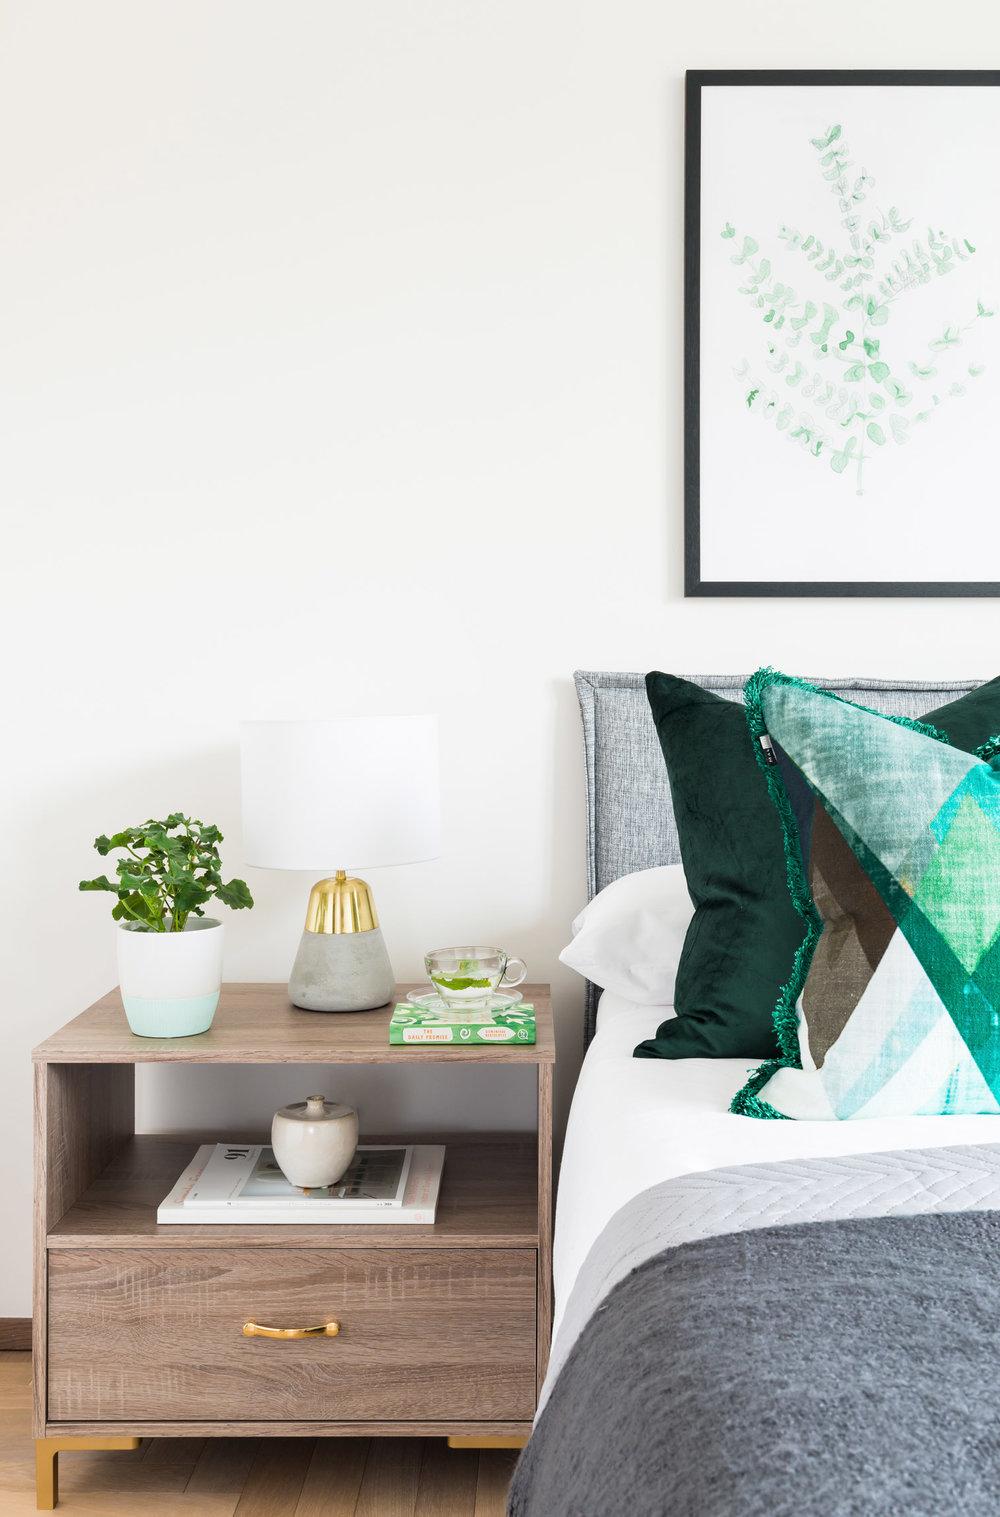 Mosse_24_Bedroom.jpg